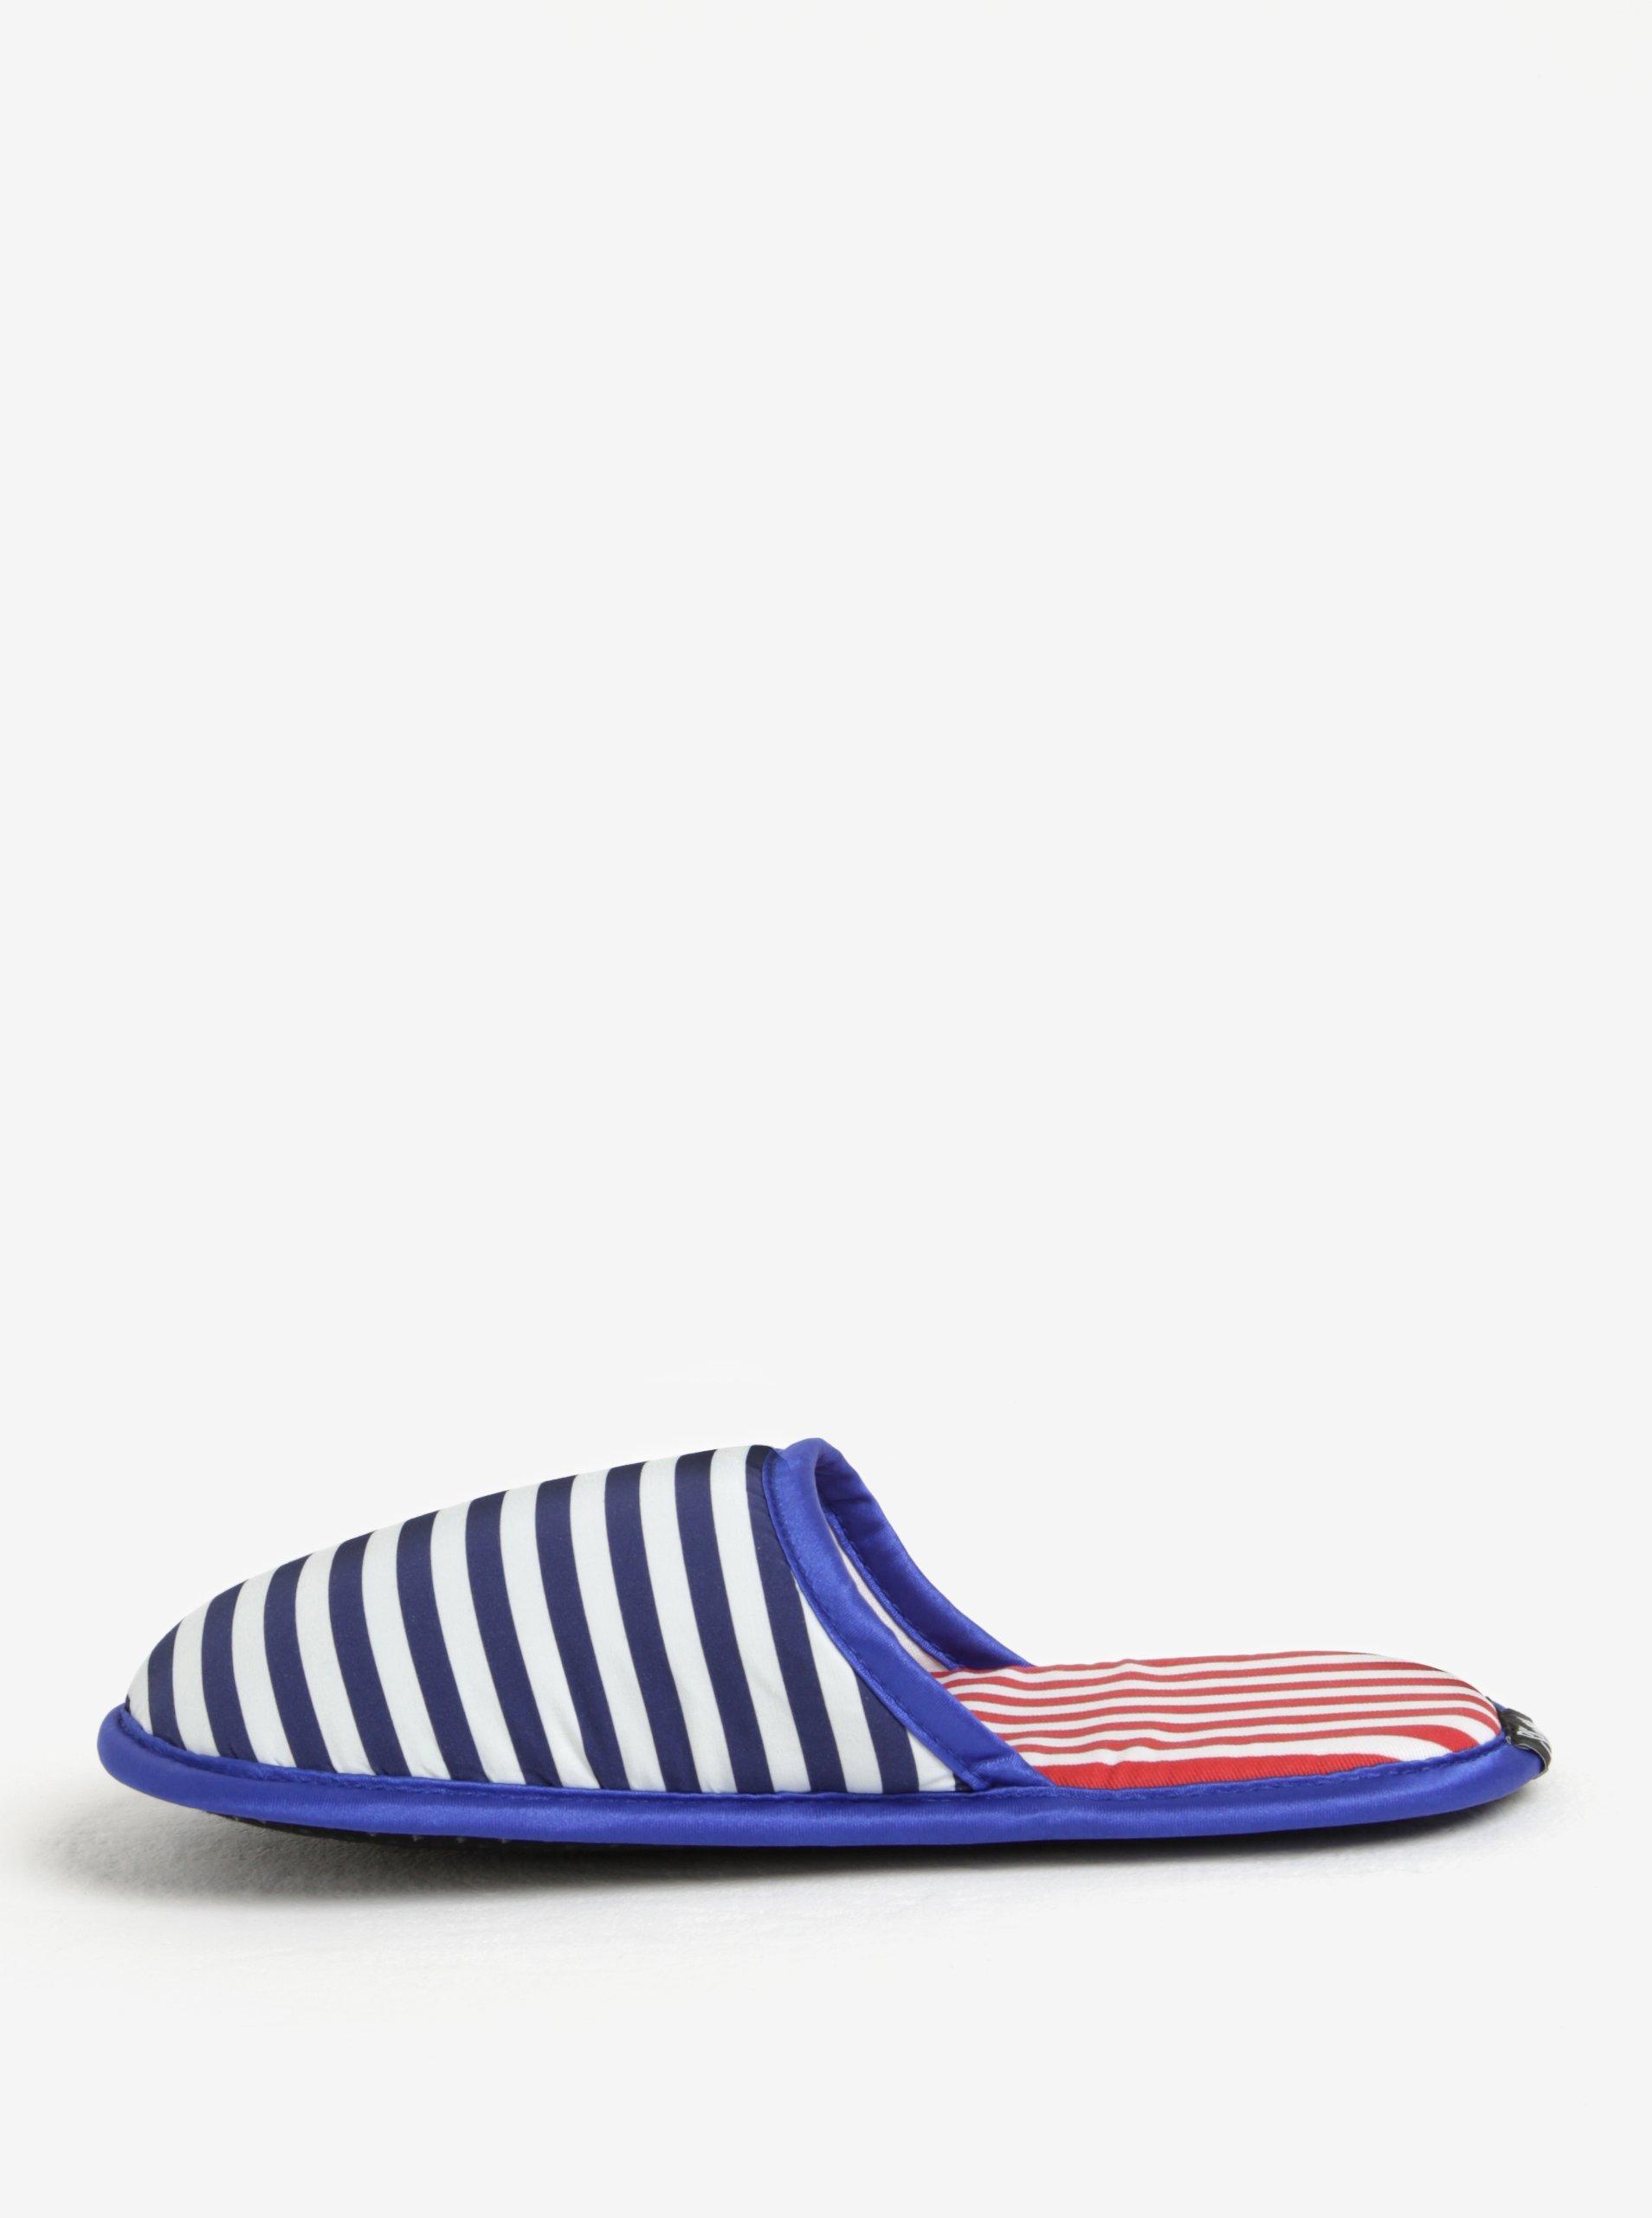 Modro-bílé unisex pruhované papuče Slippsy Old sailor